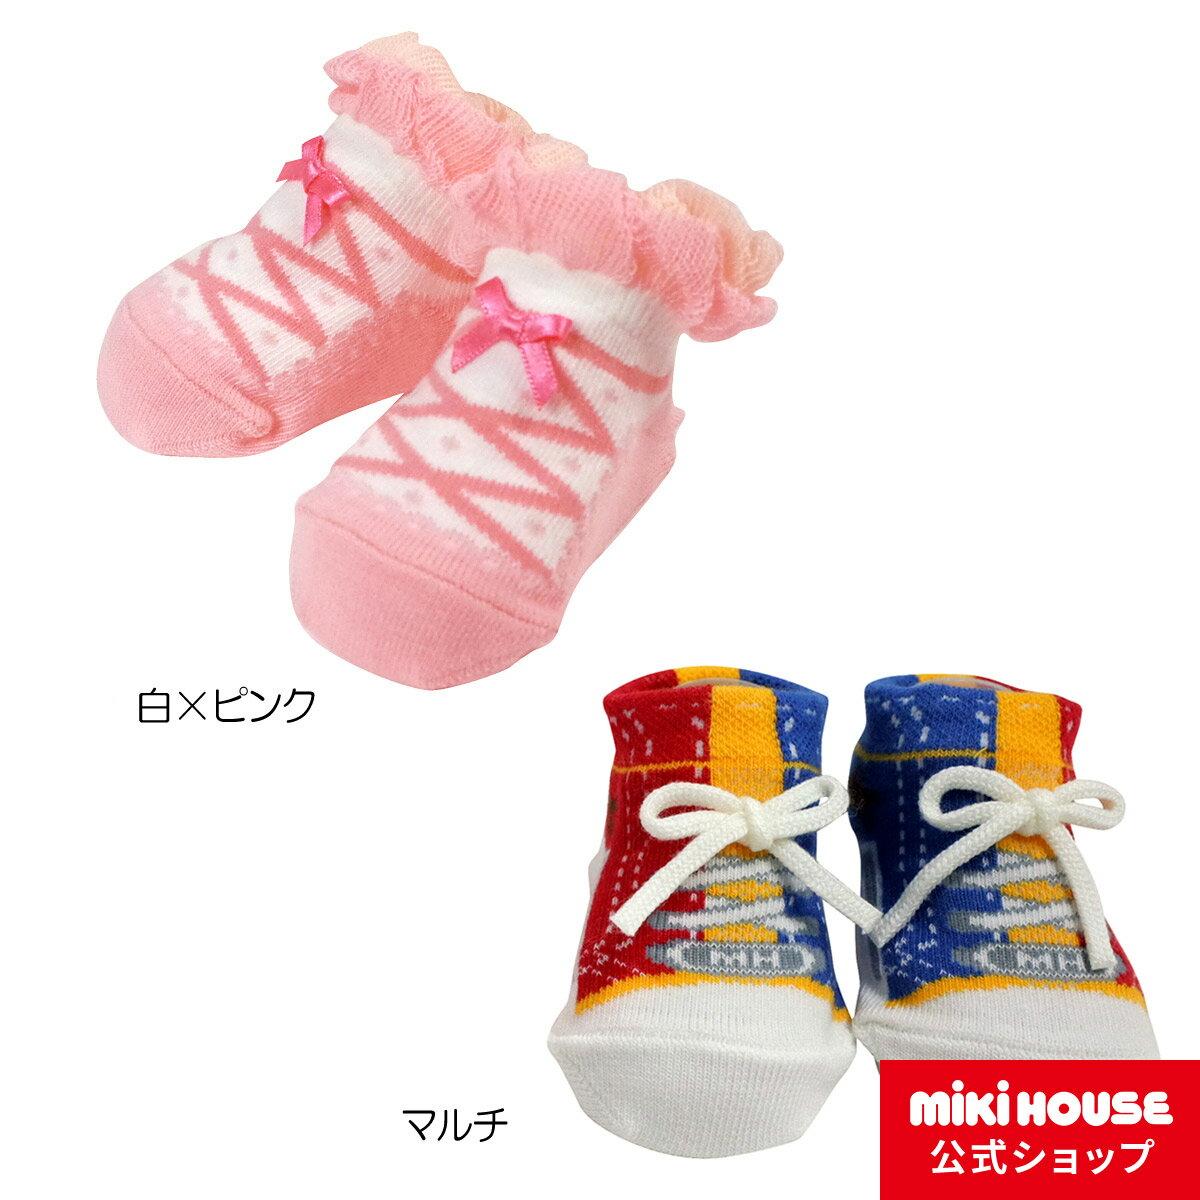 MIKIHOUSE(ミキハウス)『ベビーソックス(10-9508-784)』